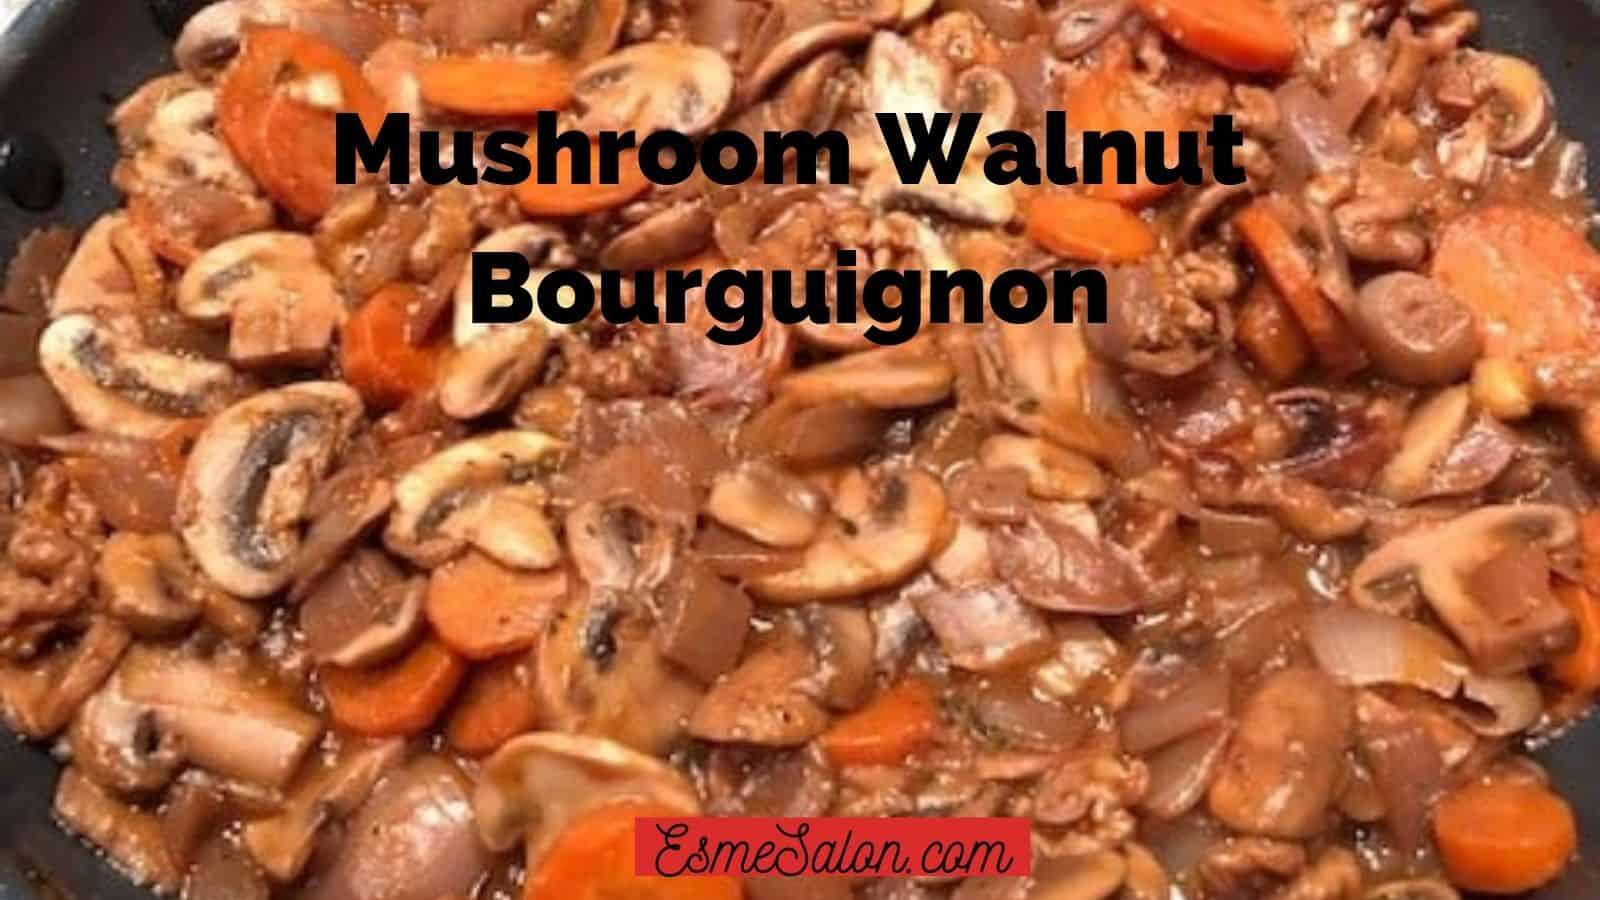 Mushroom Walnut Bourguignon with Cauliflower Mash (Vegan)